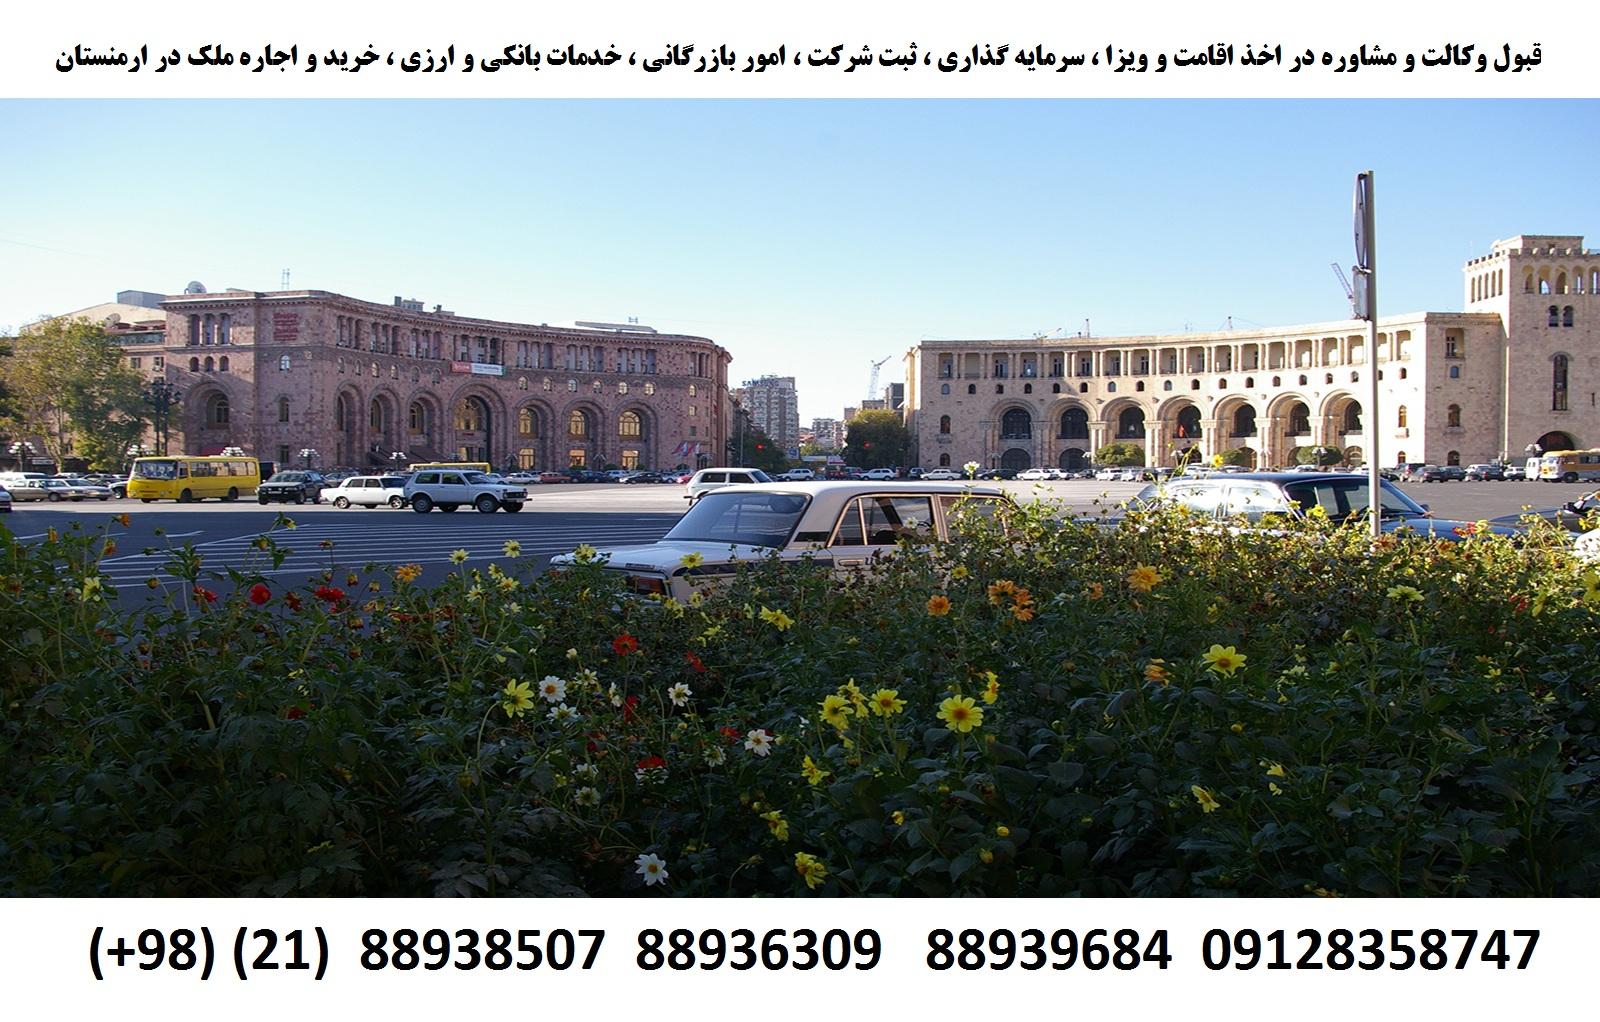 اقامت ، ویزا ، ثبت شرکت ، سرمایه گذاری در ارمنستان (6)